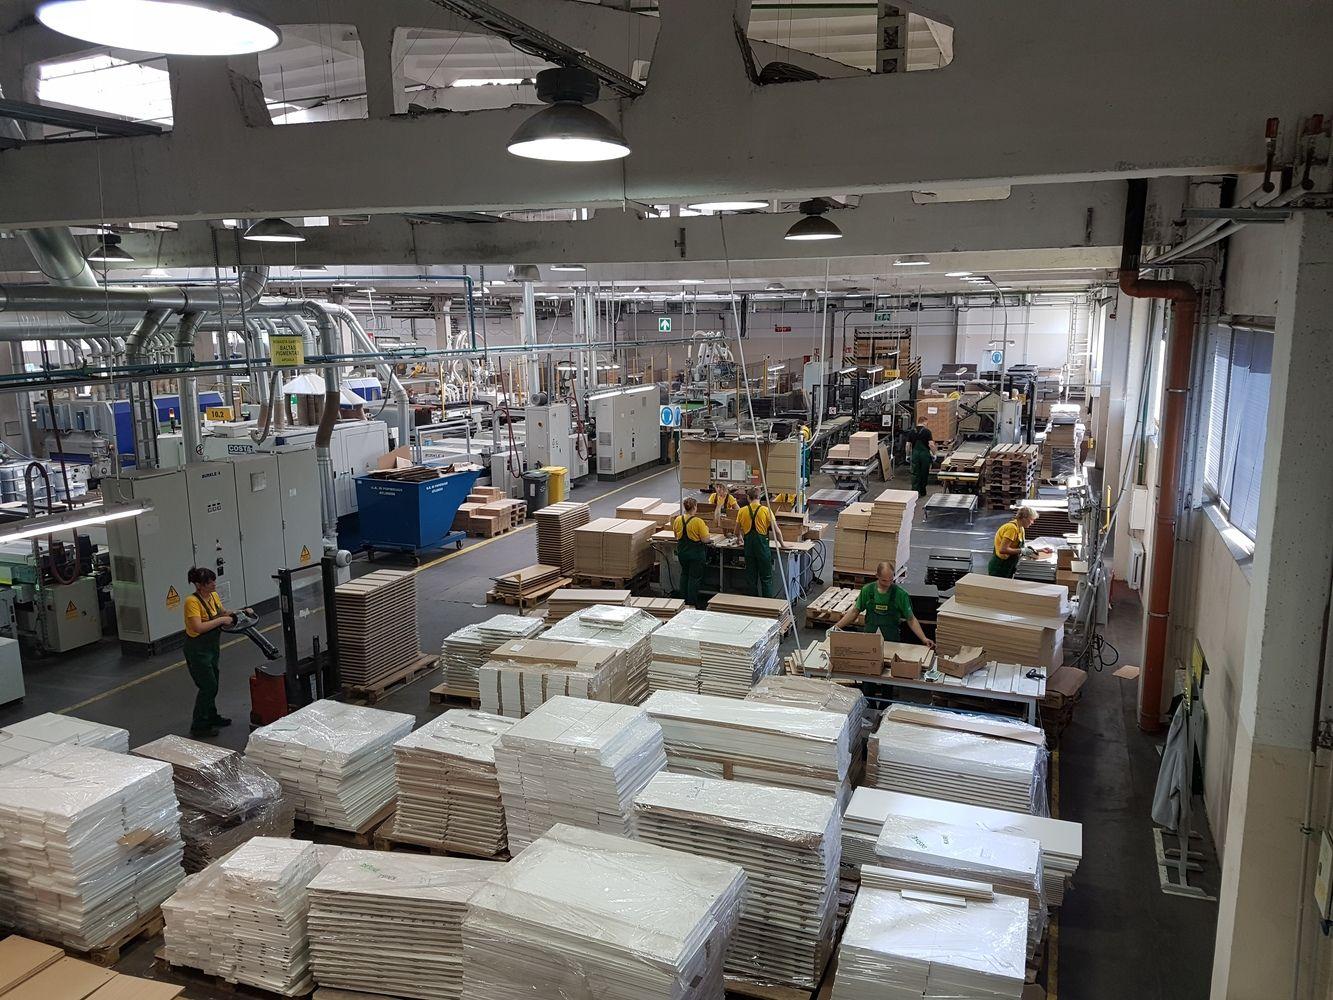 Klaipėdoje – 22 mln. Eur investicija: naujas logistikos centras ir gamykla